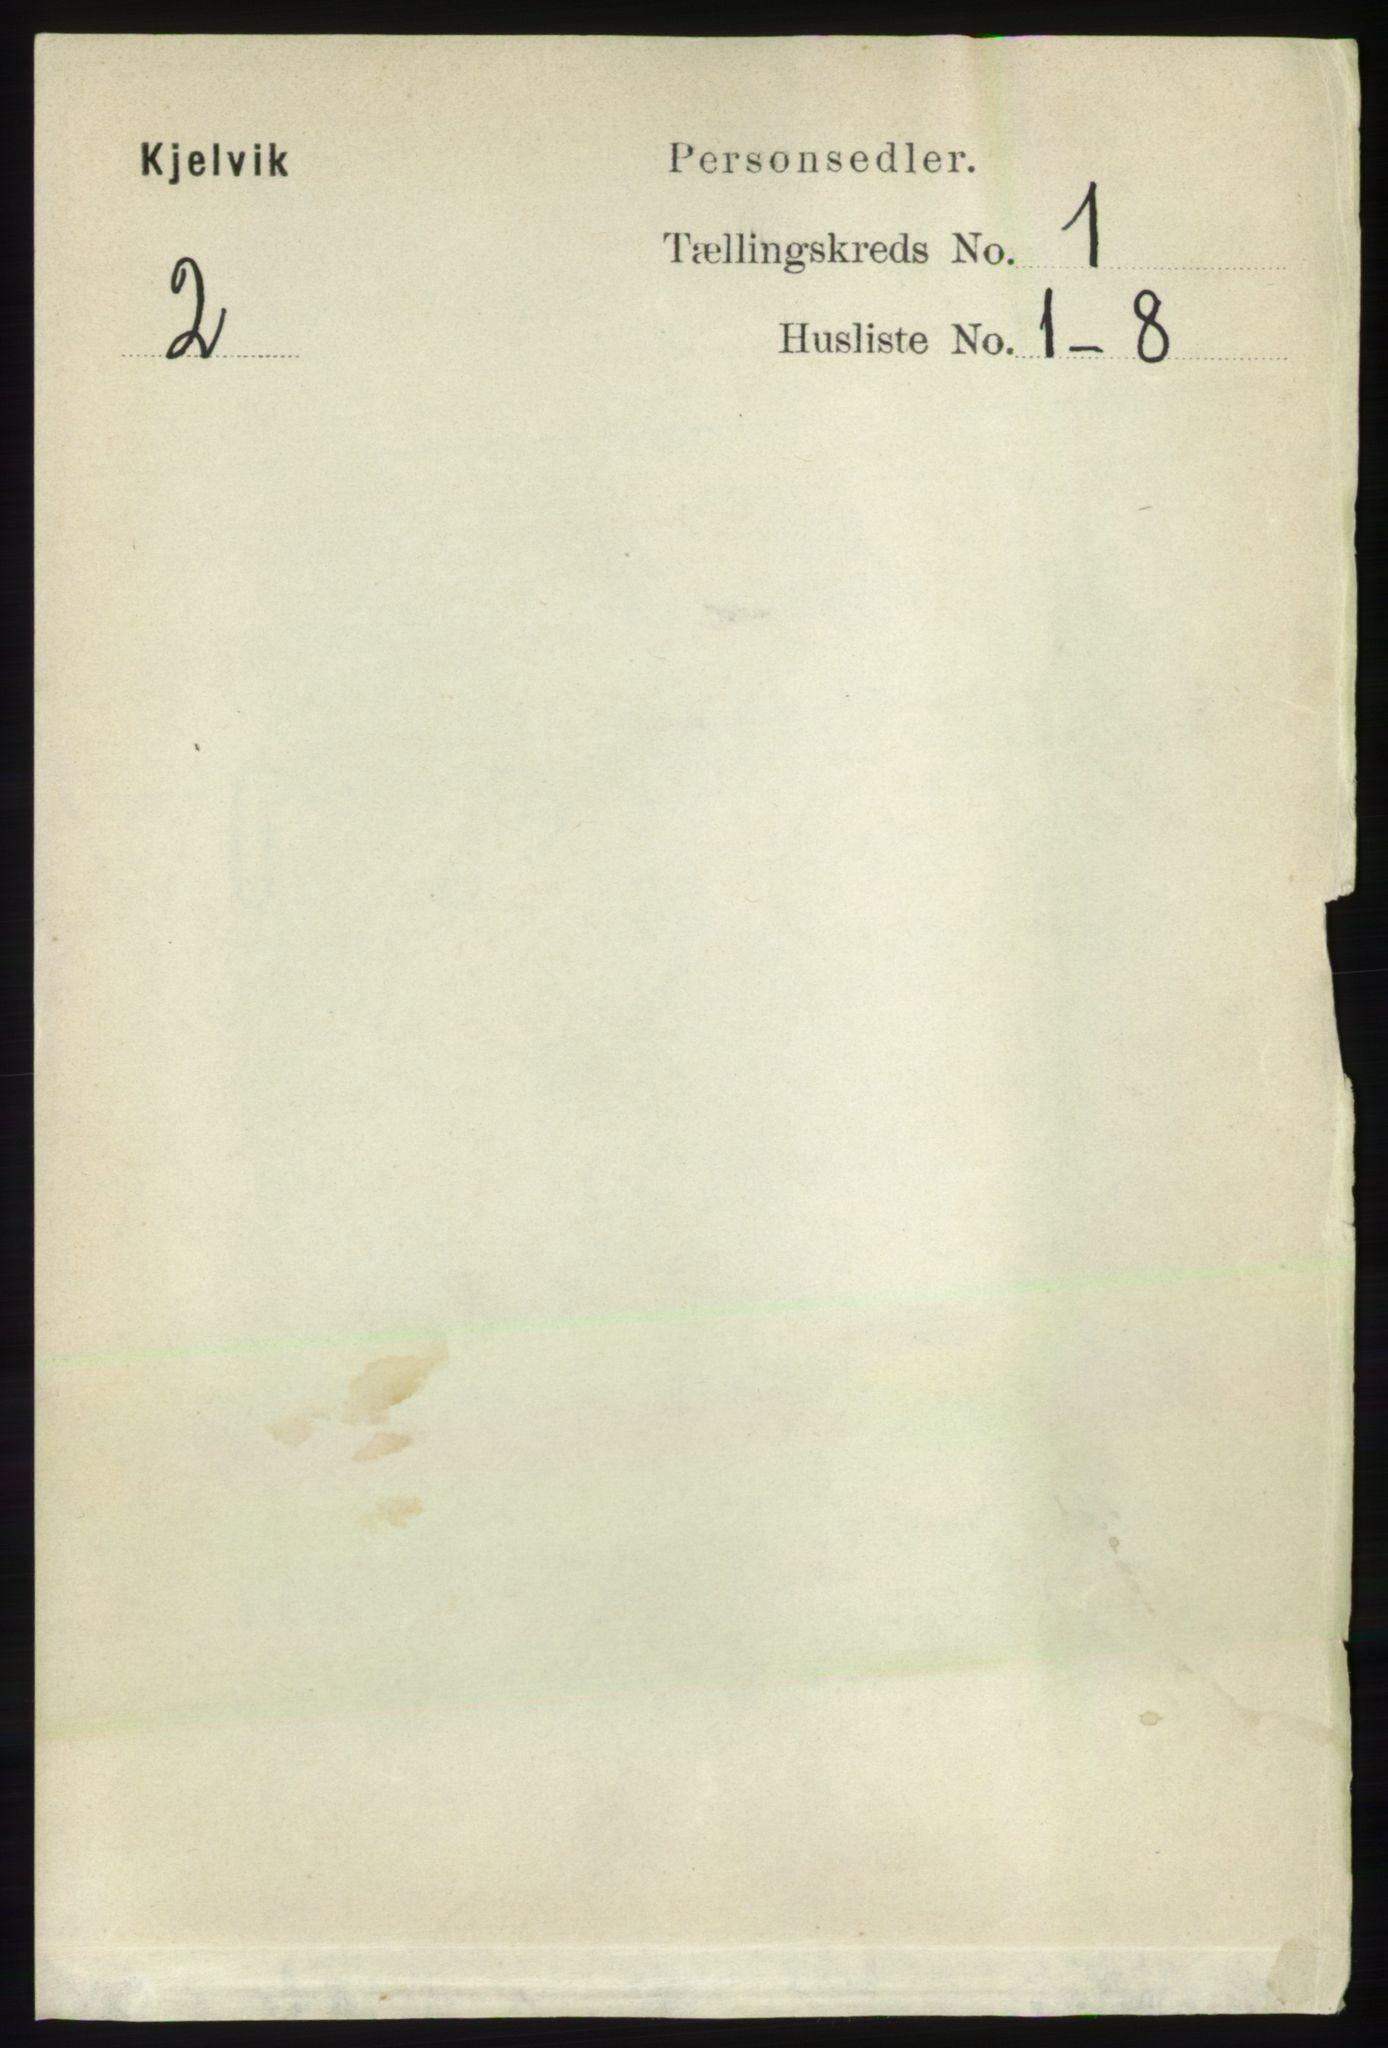 RA, Folketelling 1891 for 2019 Kjelvik herred, 1891, s. 34